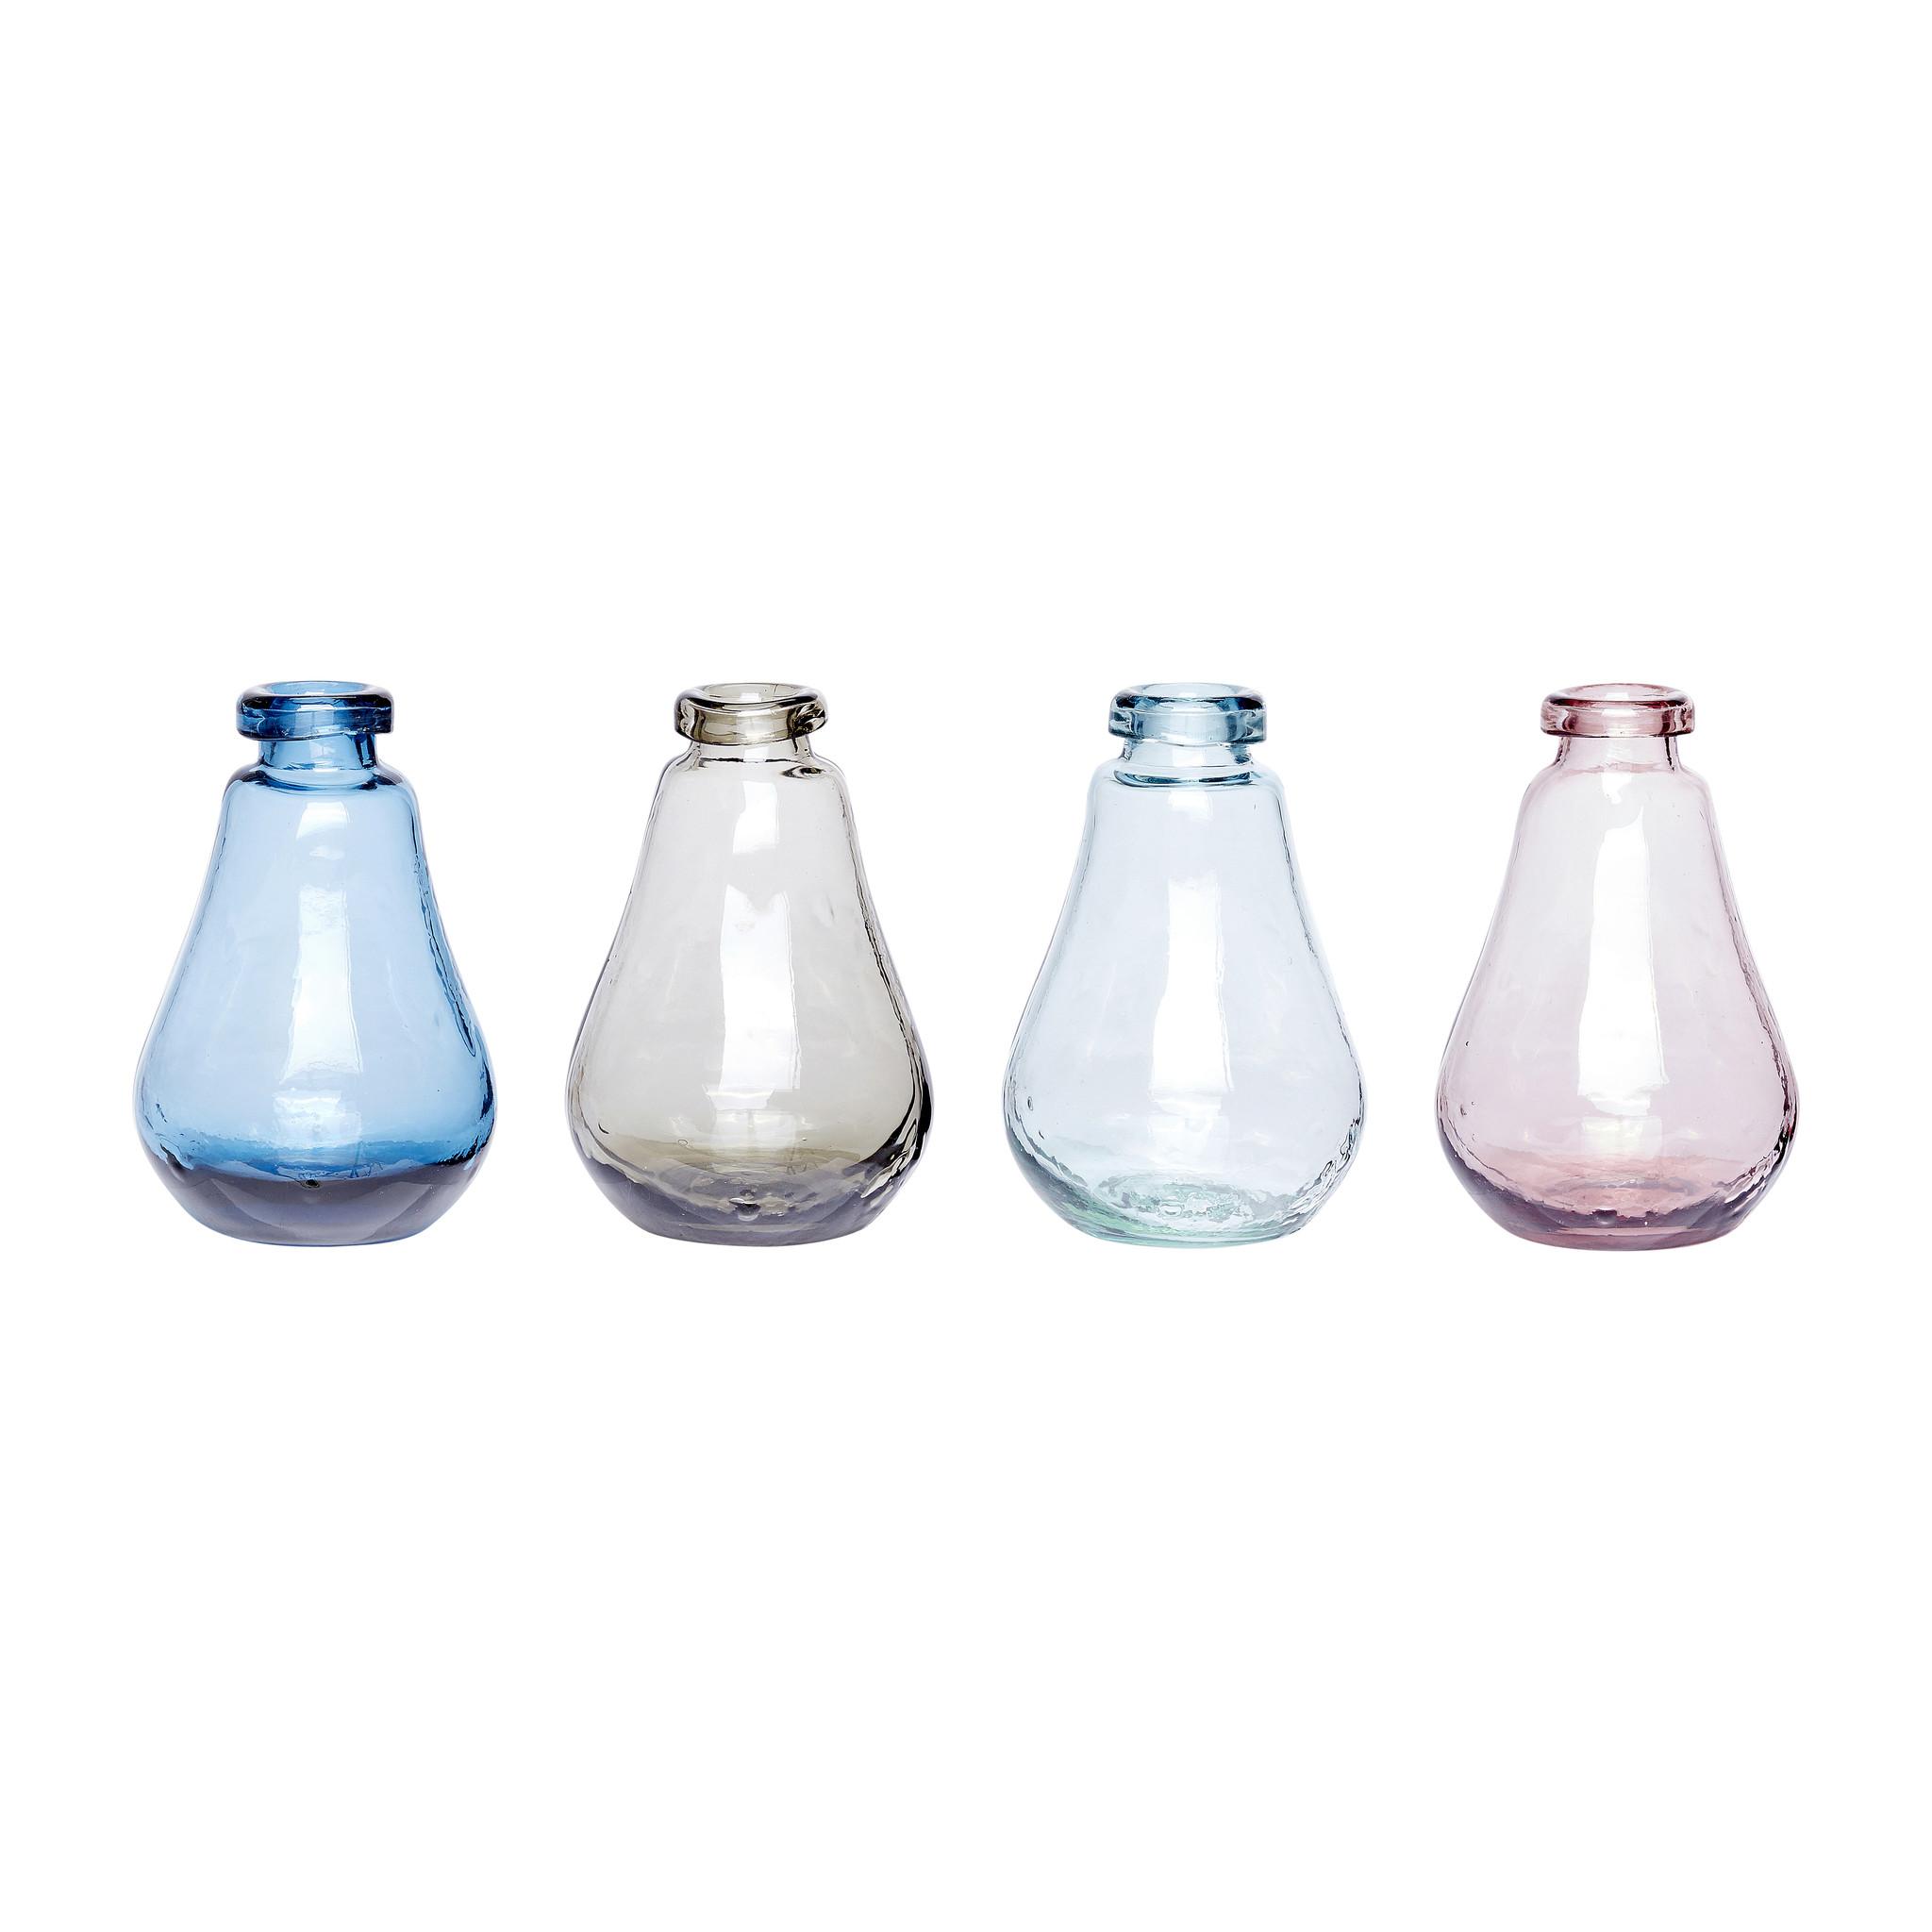 Hubsch Vaas, glas, rose / helder / blauw / grijs, set van 4-280302-5712772029619